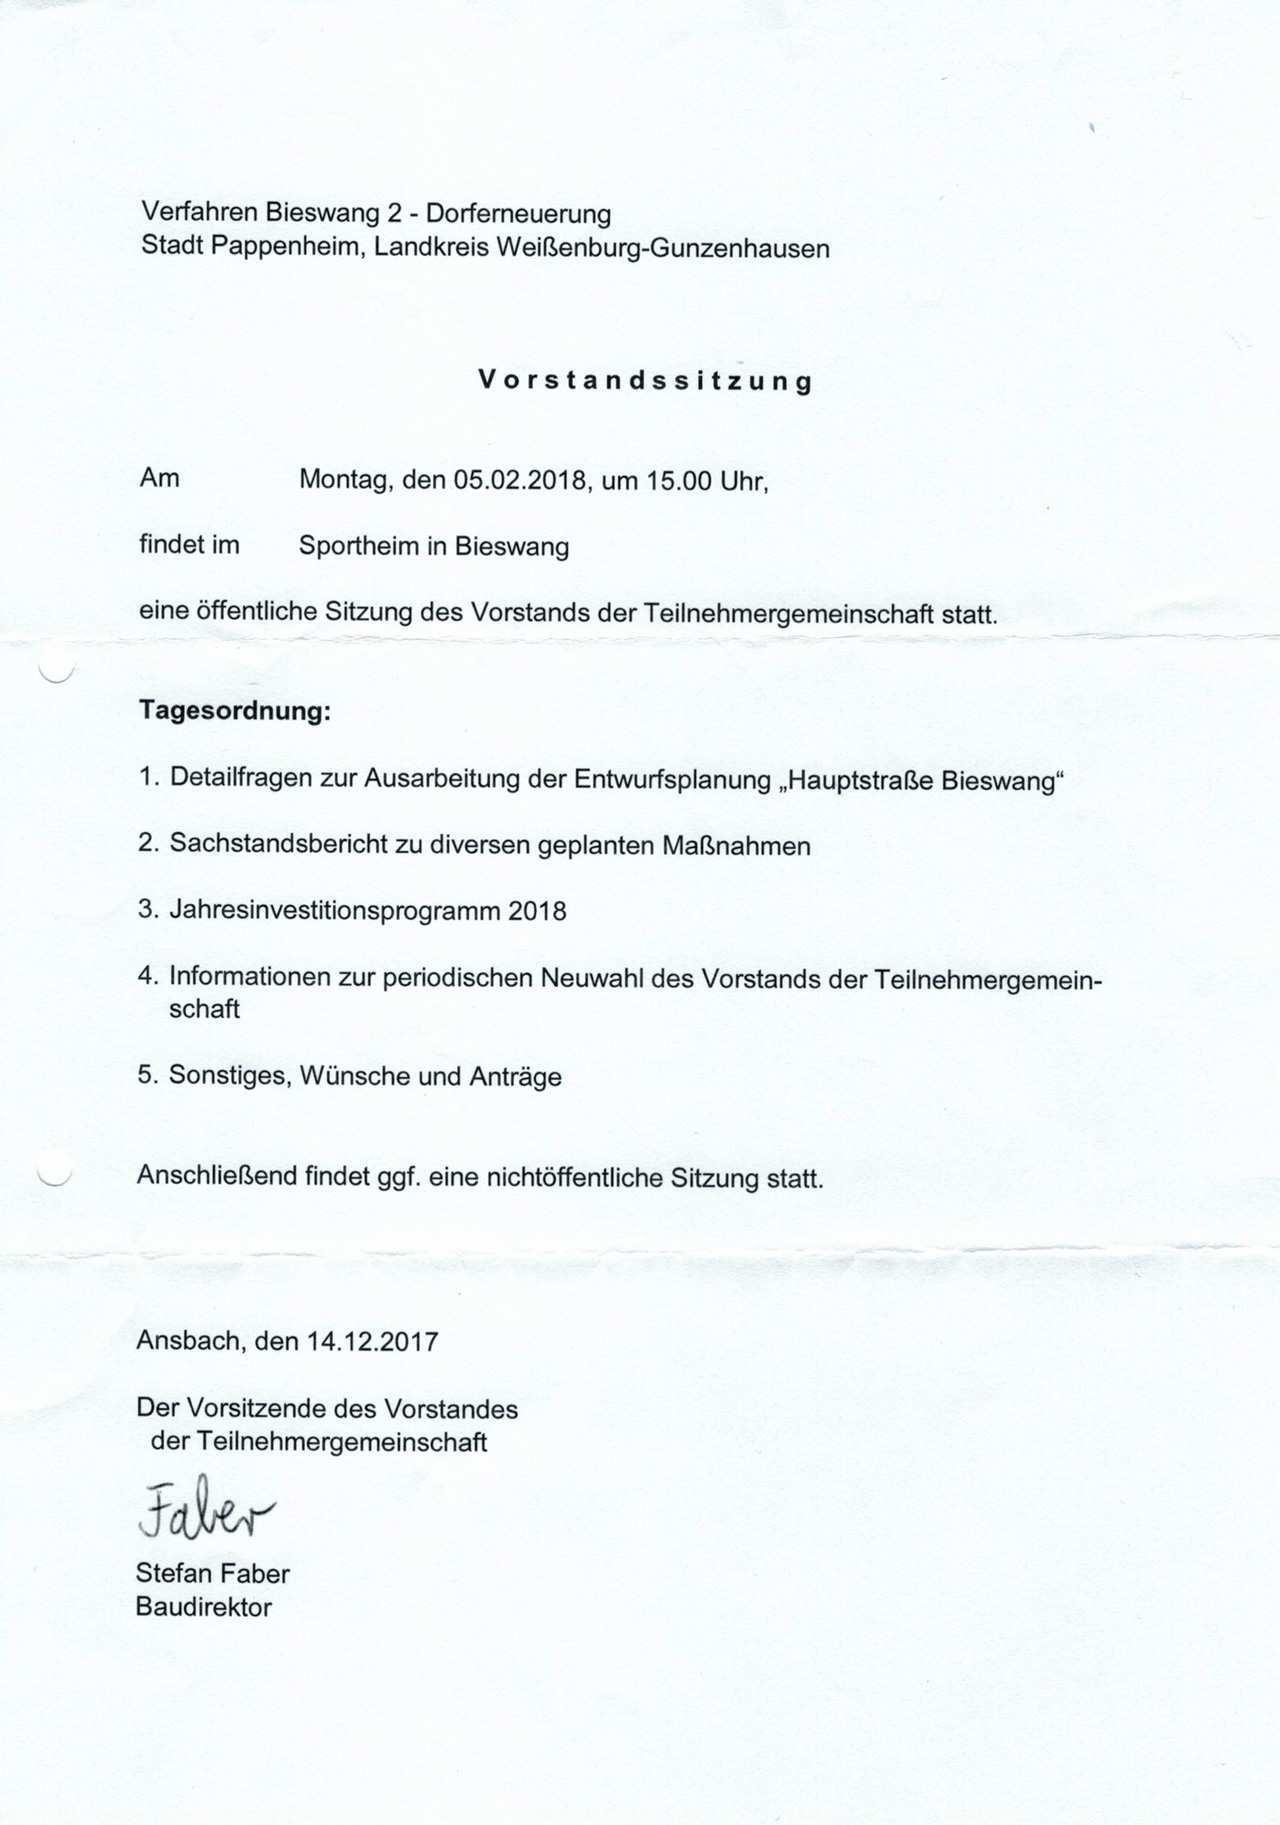 Einladung Zur Offentlichen Vorstandssitzung Der Teilnehmergemeinschaft